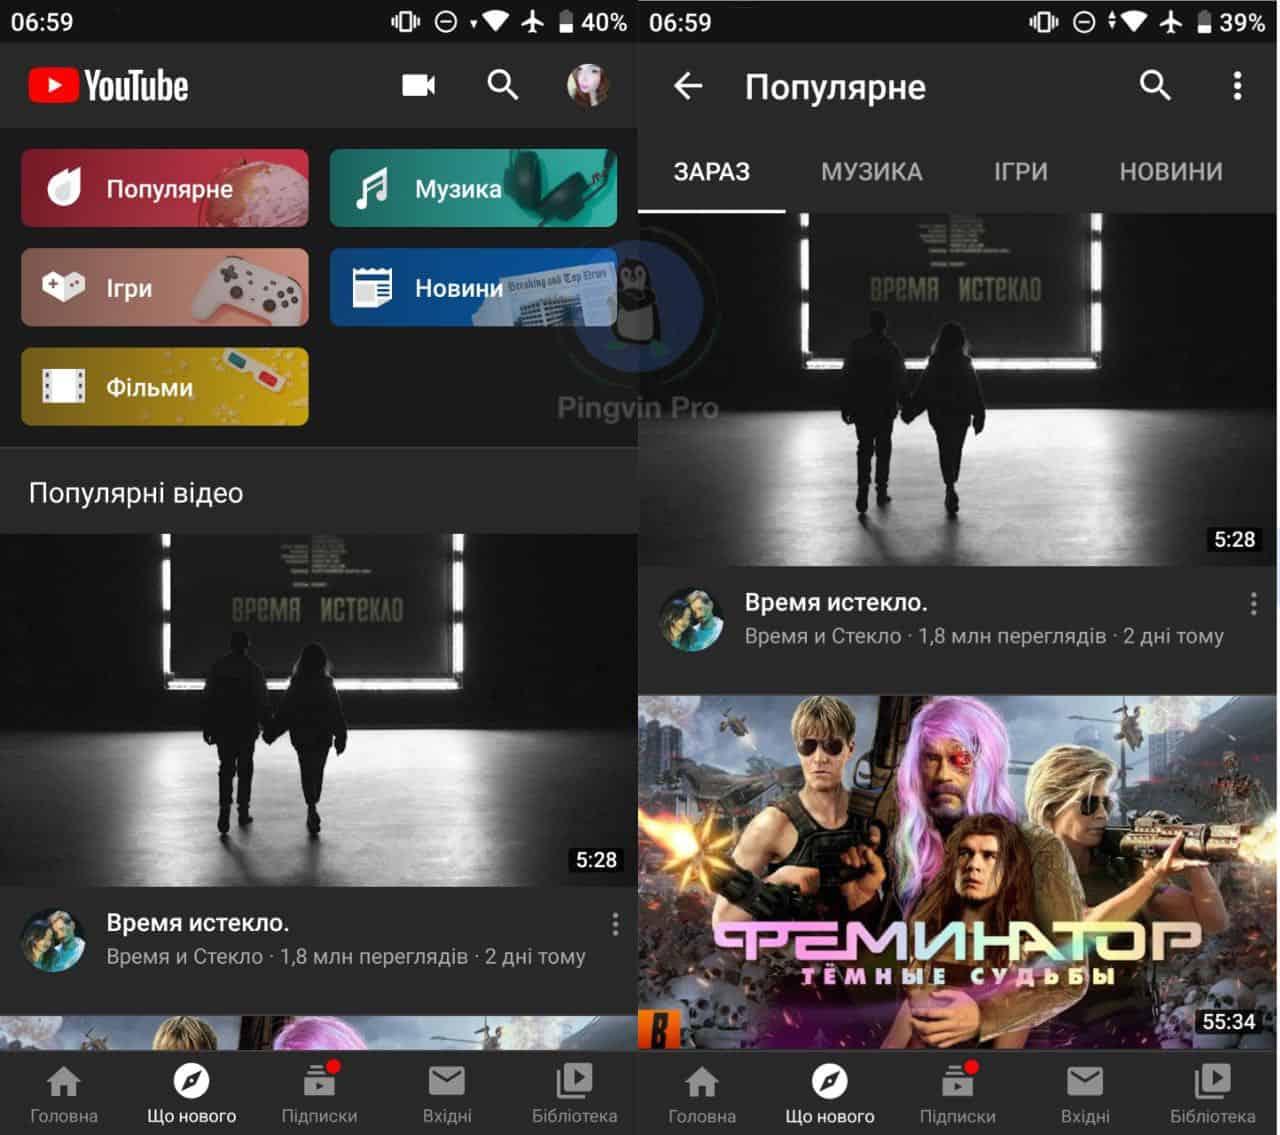 YouTube для Android та iOS отримав зміни у дизайні